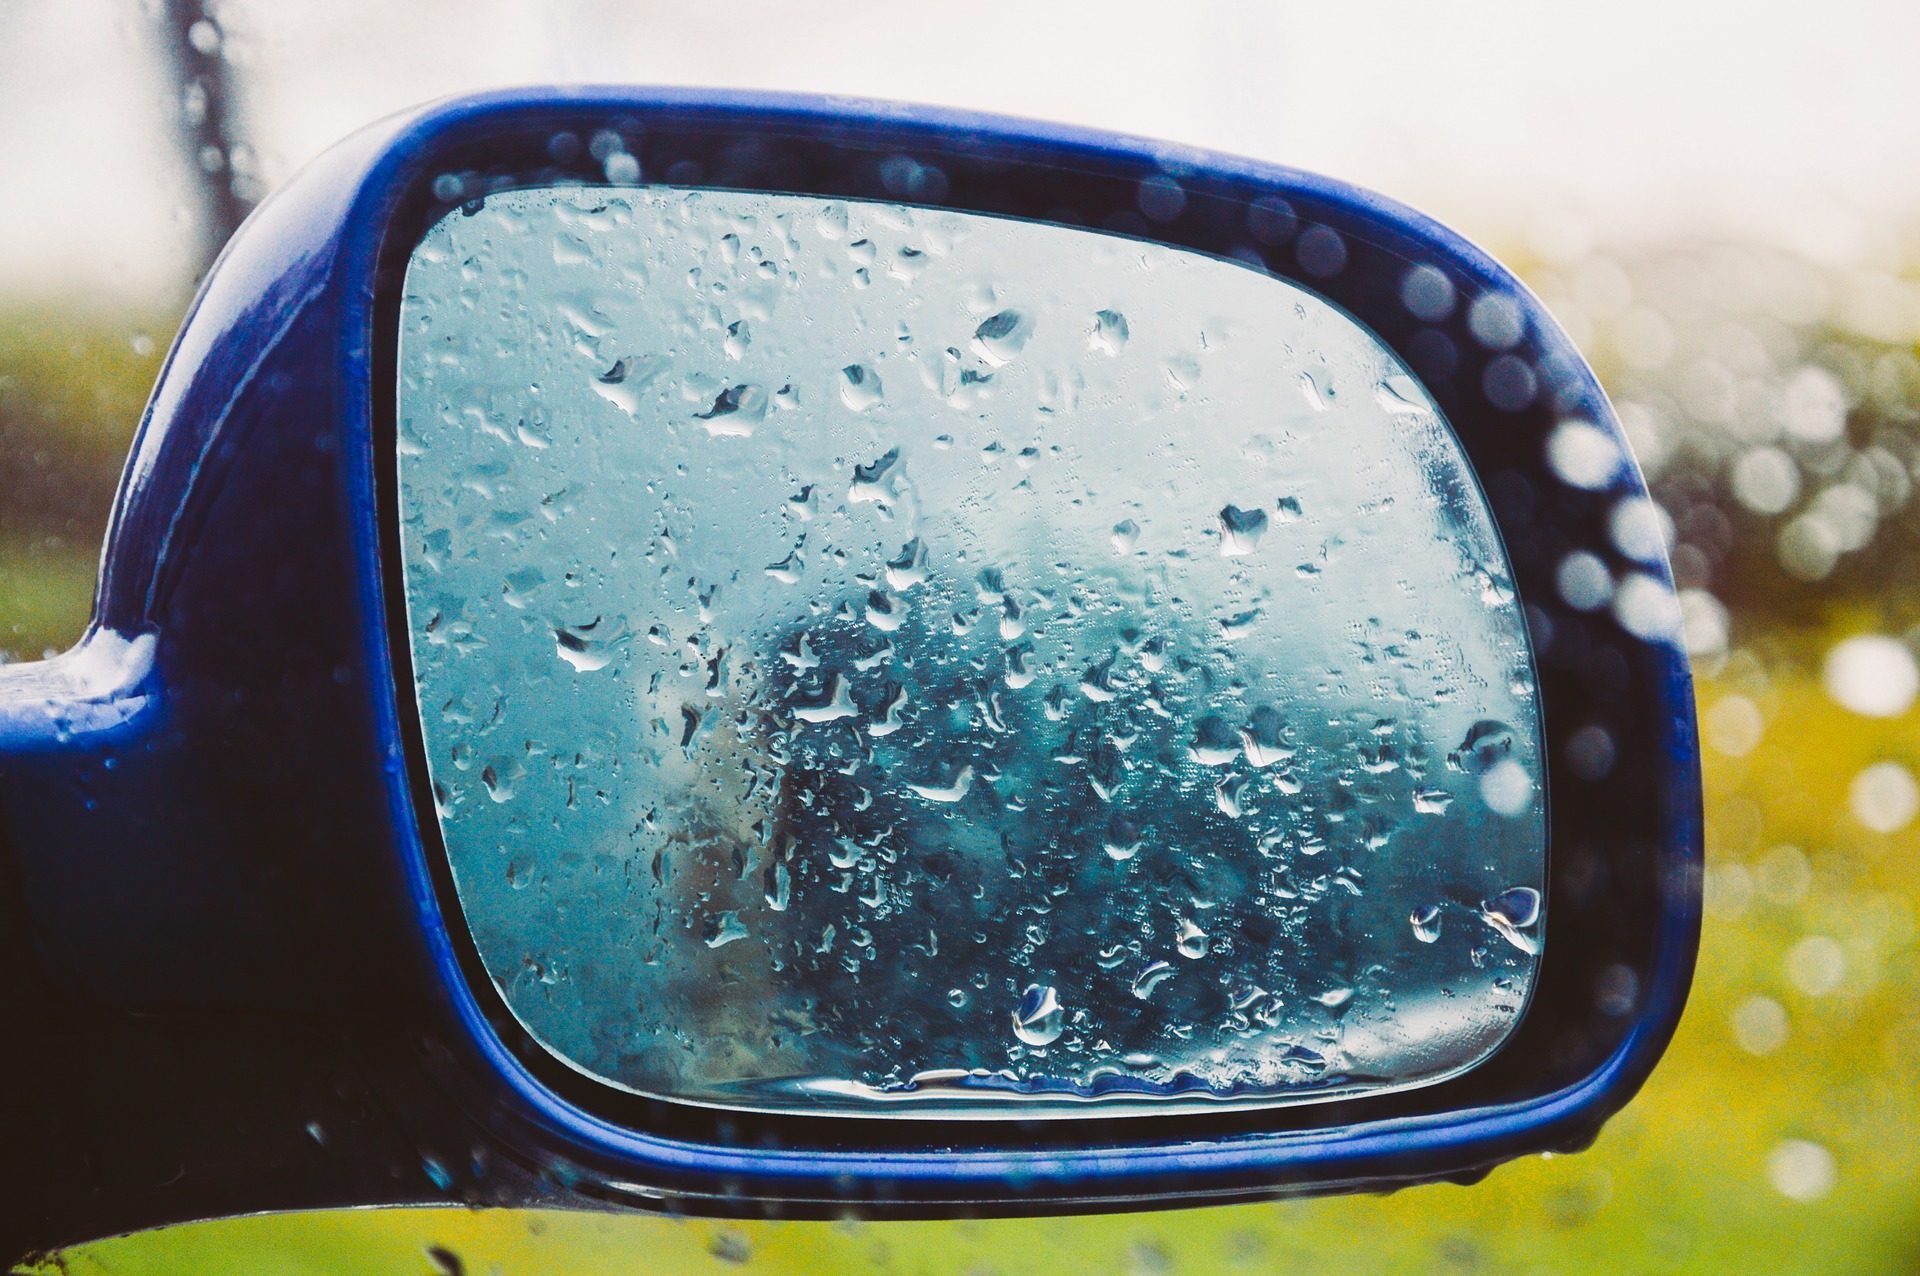 κάτοπτρο οδηγήσεως, καθρέφτης, αυτοκίνητο, σταγόνες, νερό, βροχή - Wallpapers HD - Professor-falken.com